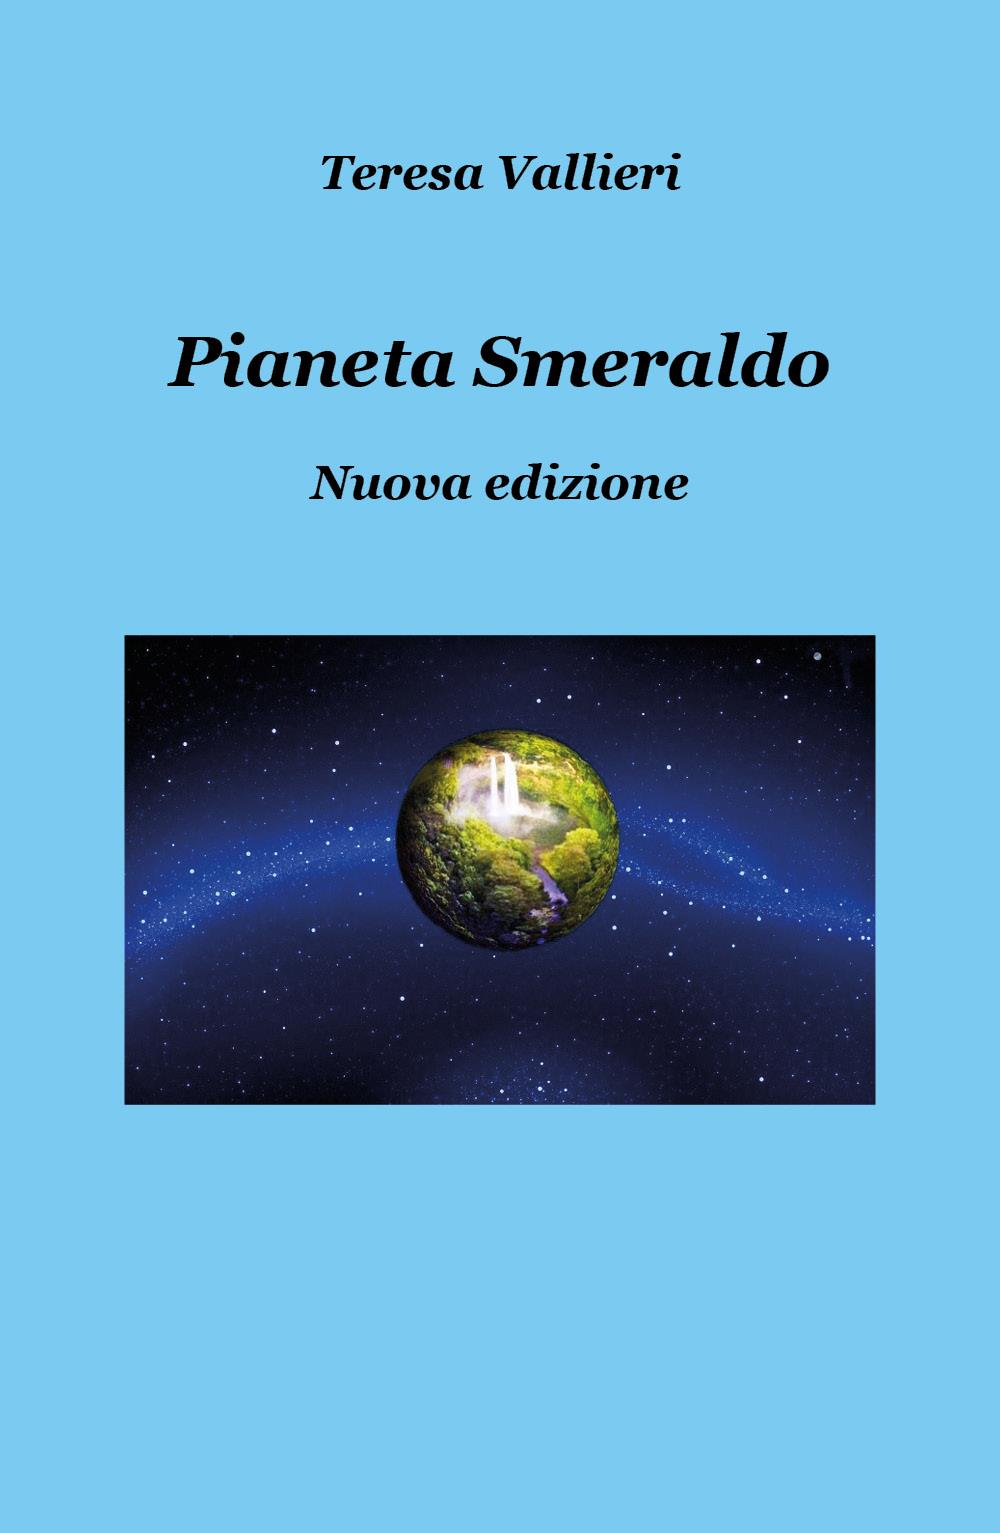 Pianeta smeraldo - Nuova edizione